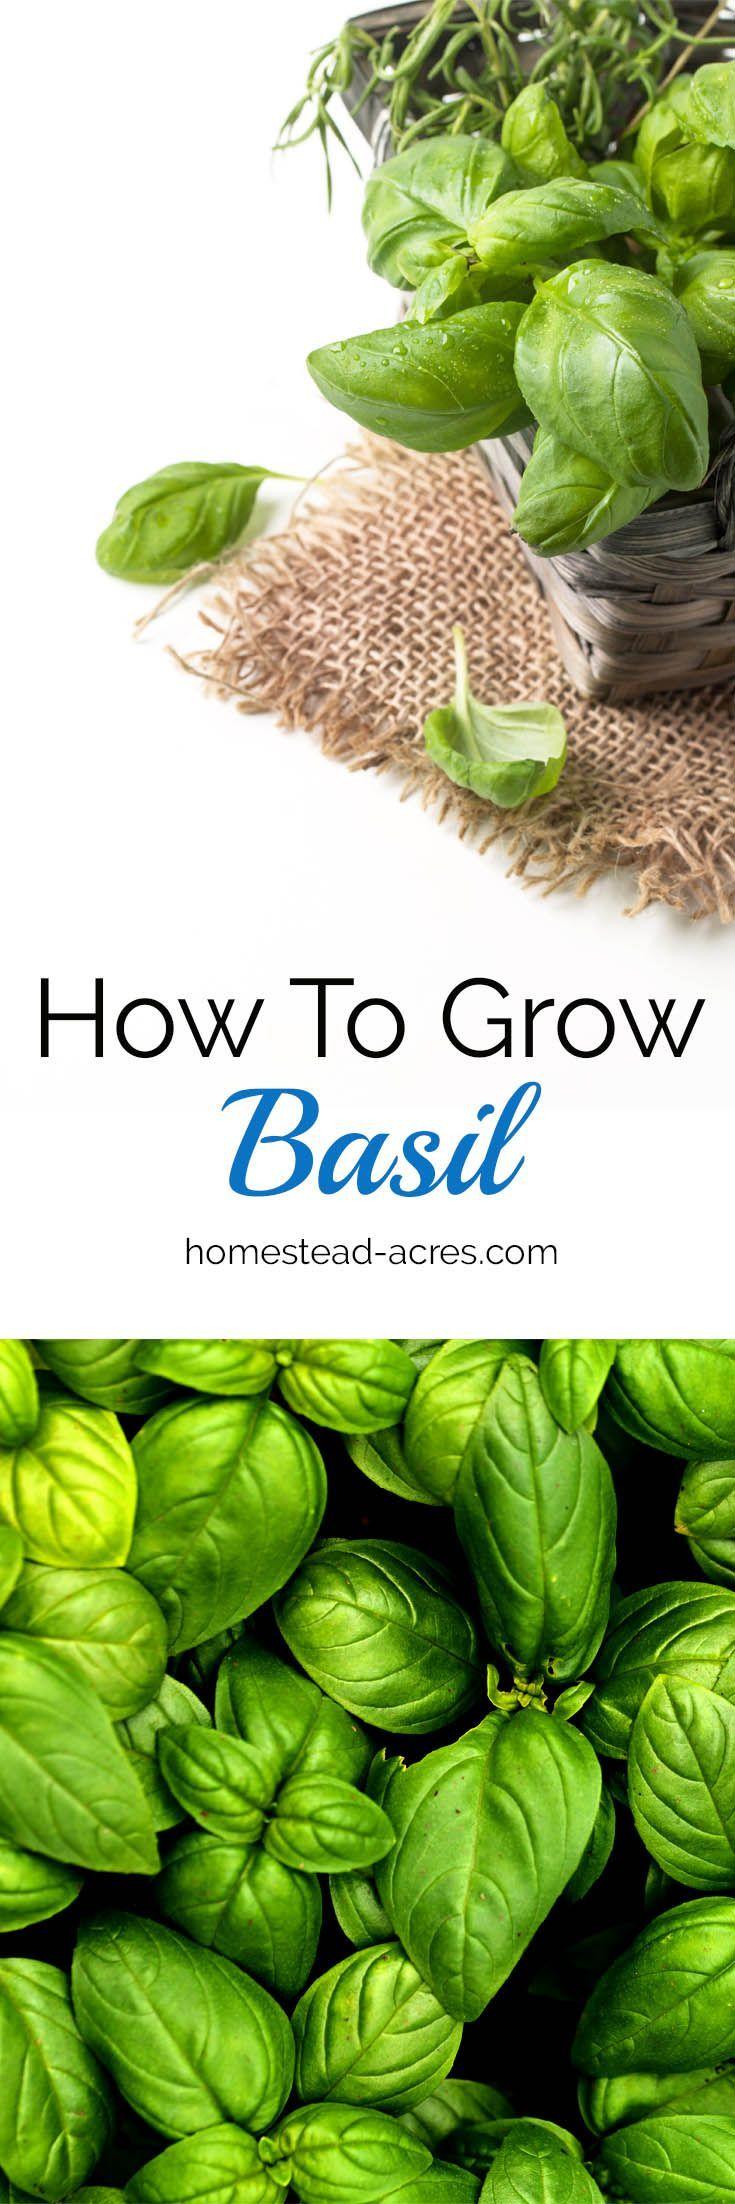 How to grow basil growing basil basil garden